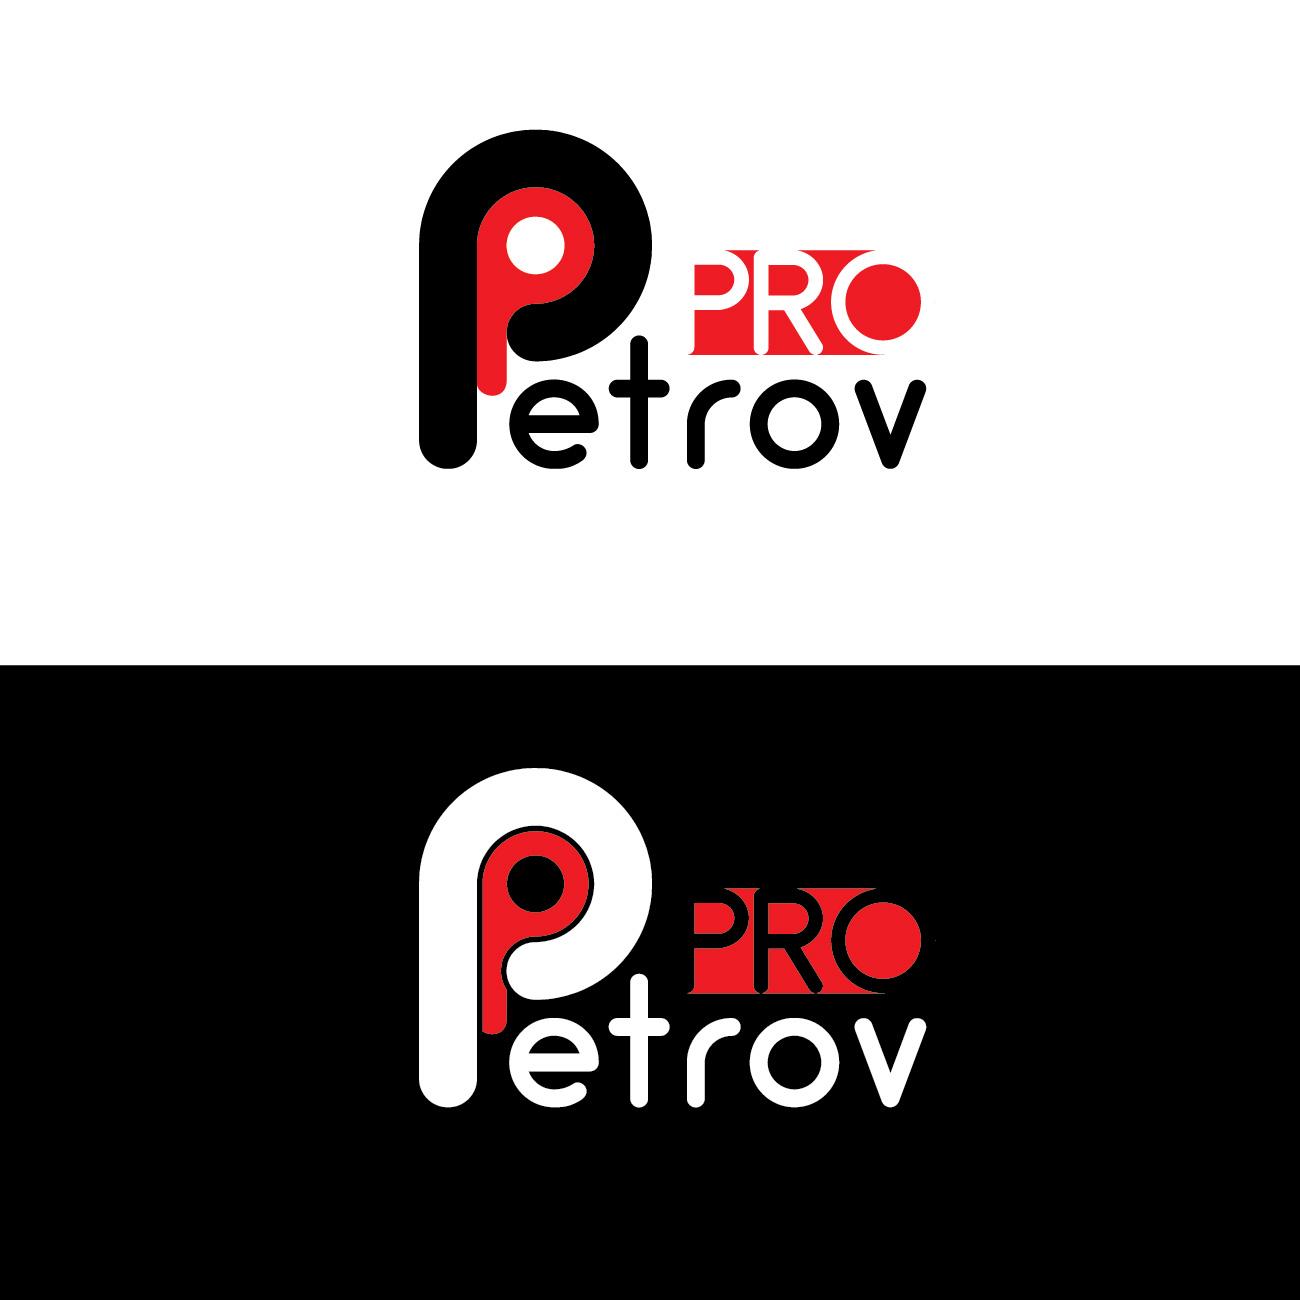 Создать логотип для YouTube канала  фото f_0315bfd15d8c2ac4.jpg